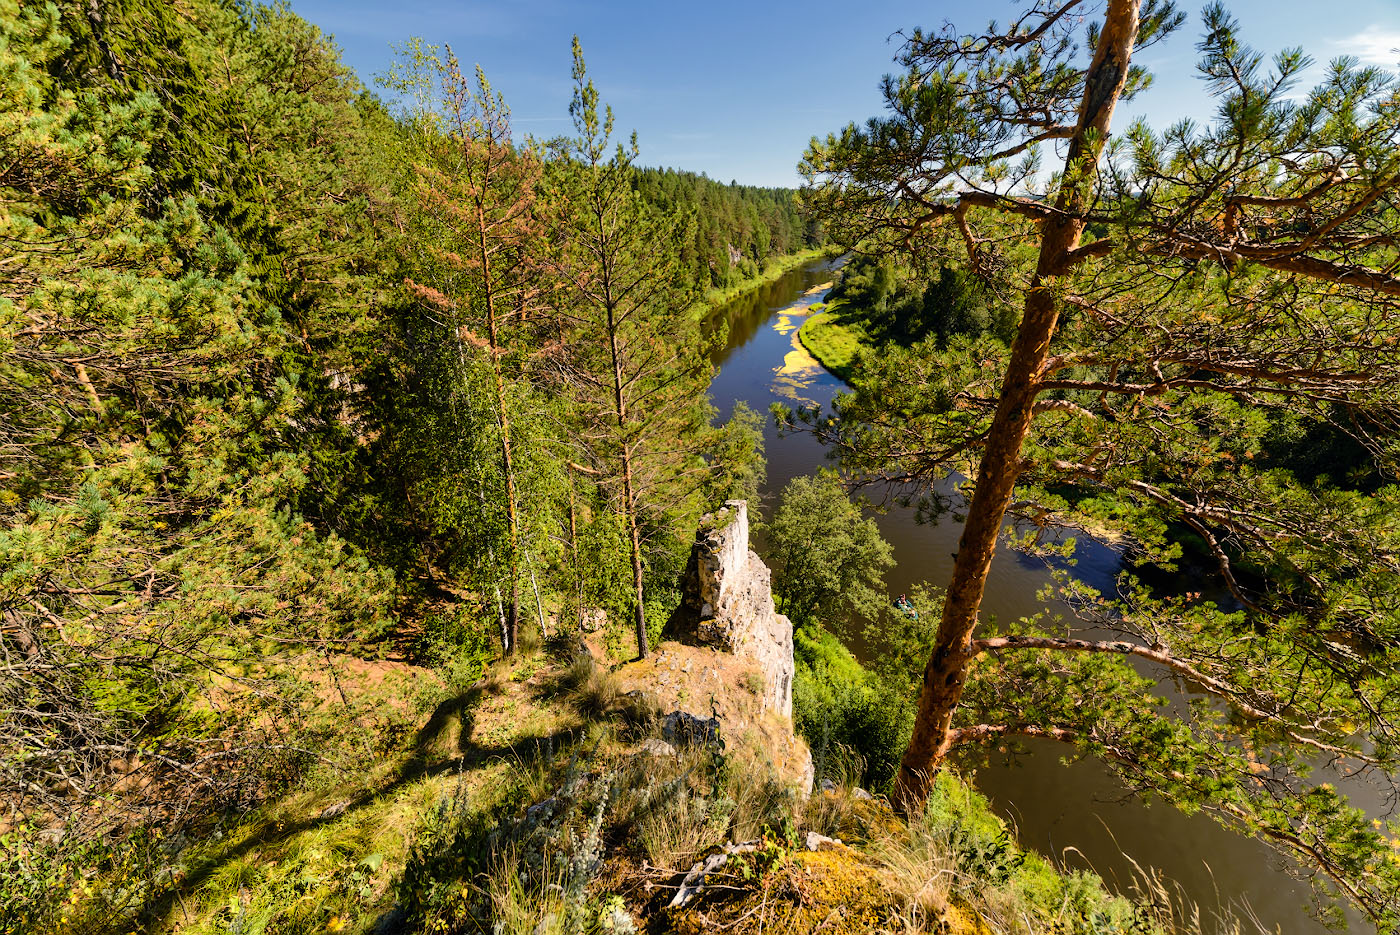 Фото 7. Вид на реку Чусовая со скалы Георгиевский камень.